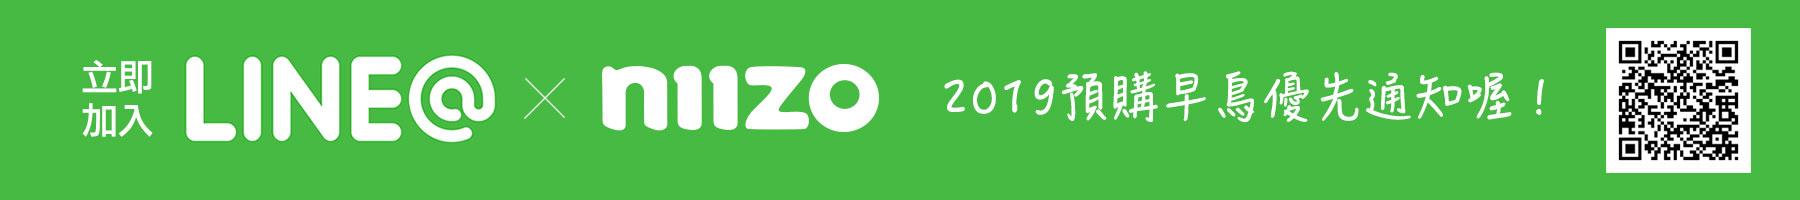 加入line@ x niizo追蹤最新預購訊息